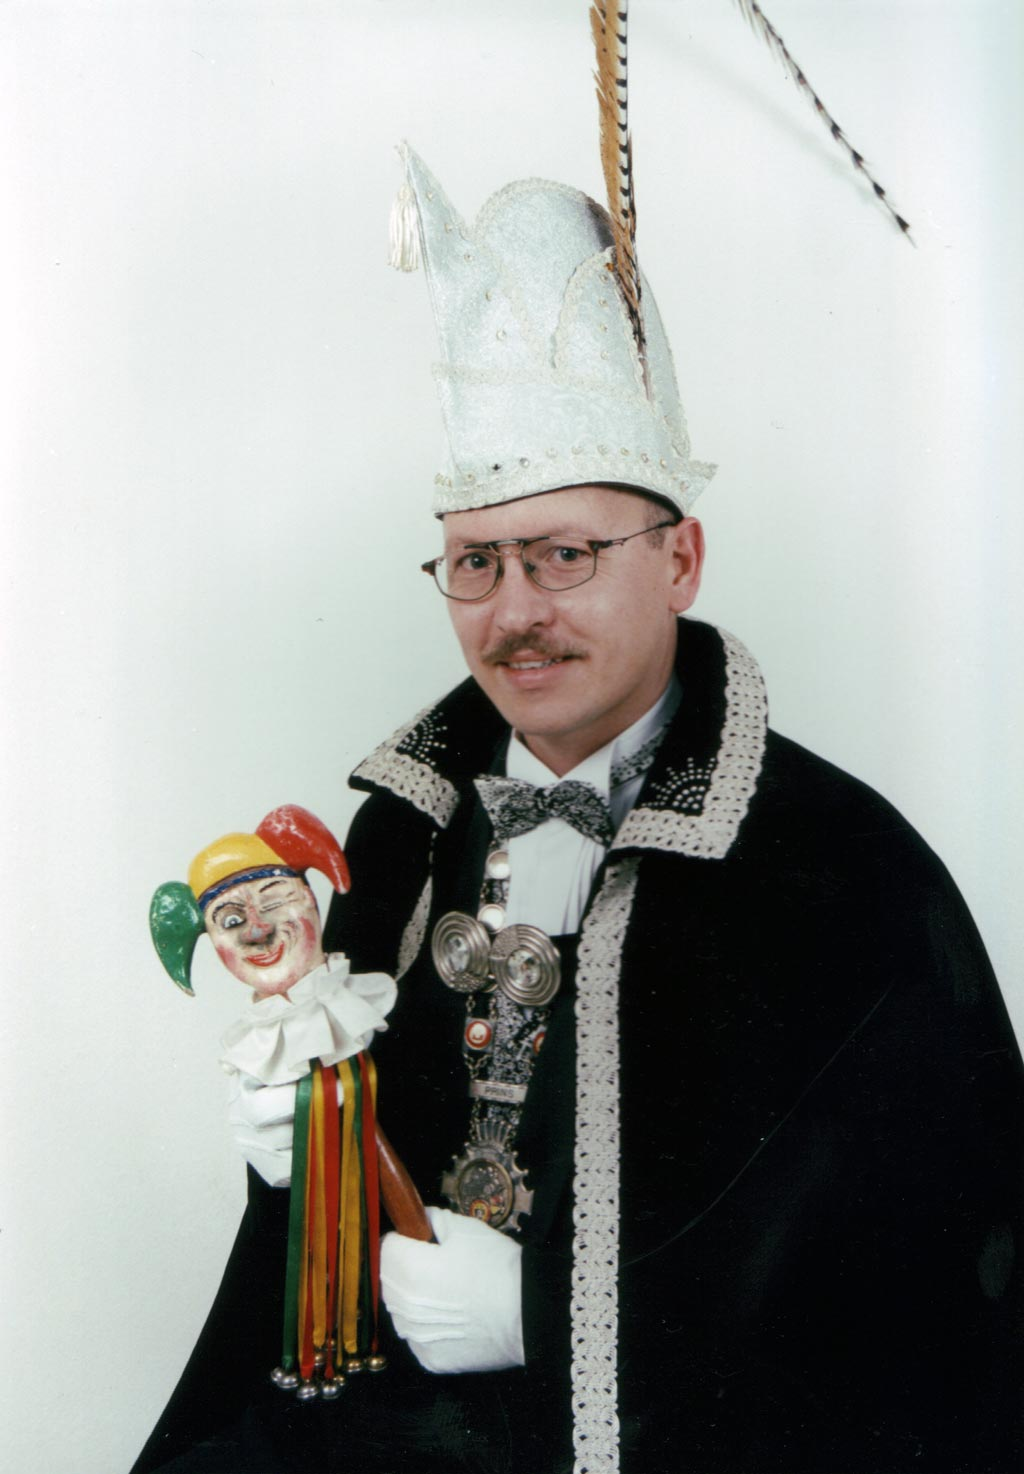 1995 - Awt Prins Jean I (Huveneers)